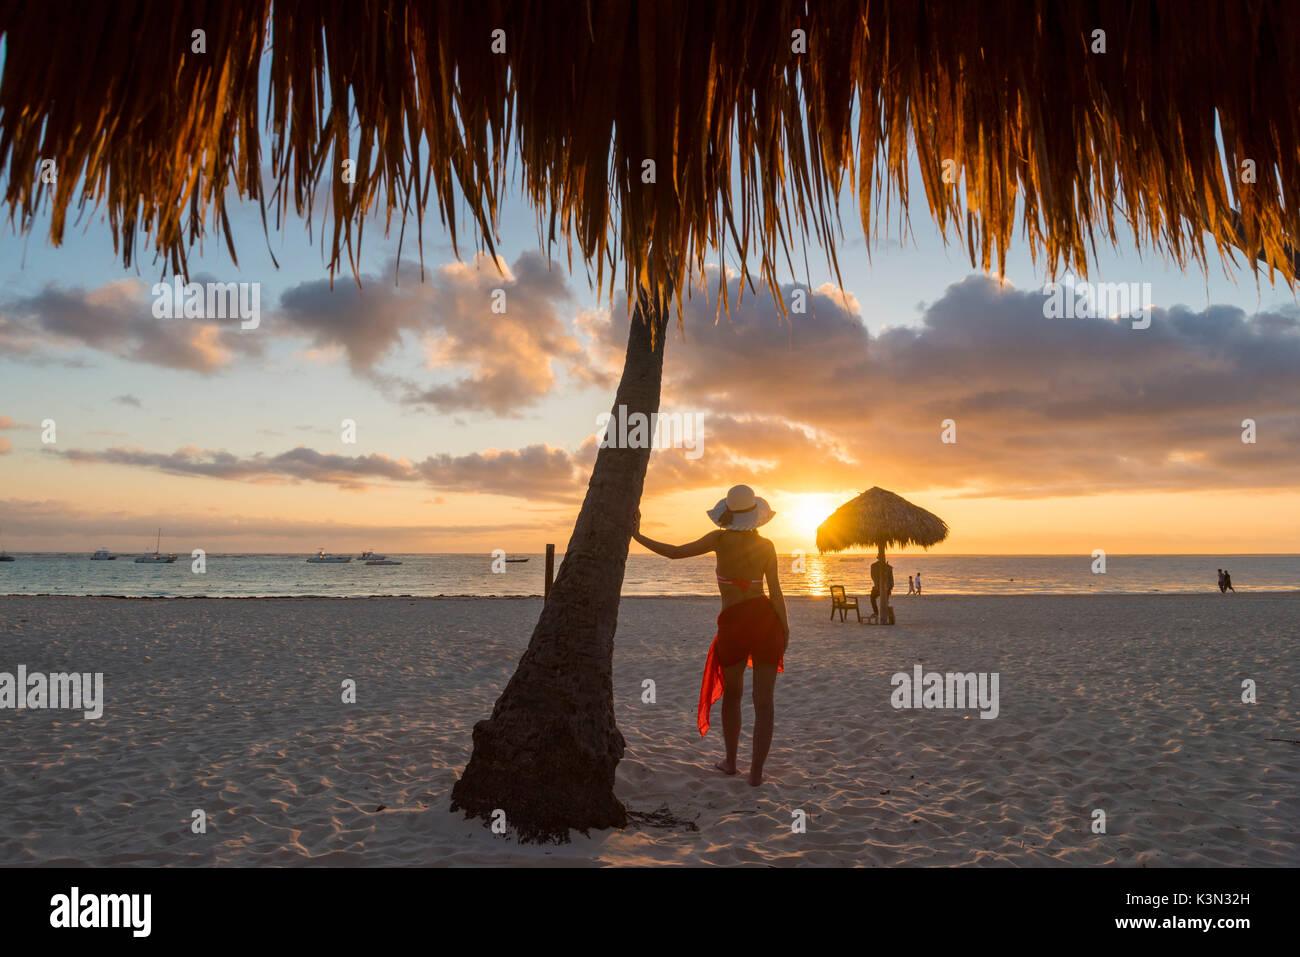 Bavaro Beach, Bavaro, Higuey, Punta Cana, République dominicaine. Femme par le chaume des parasols sur la plage au lever du soleil (MR). Photo Stock